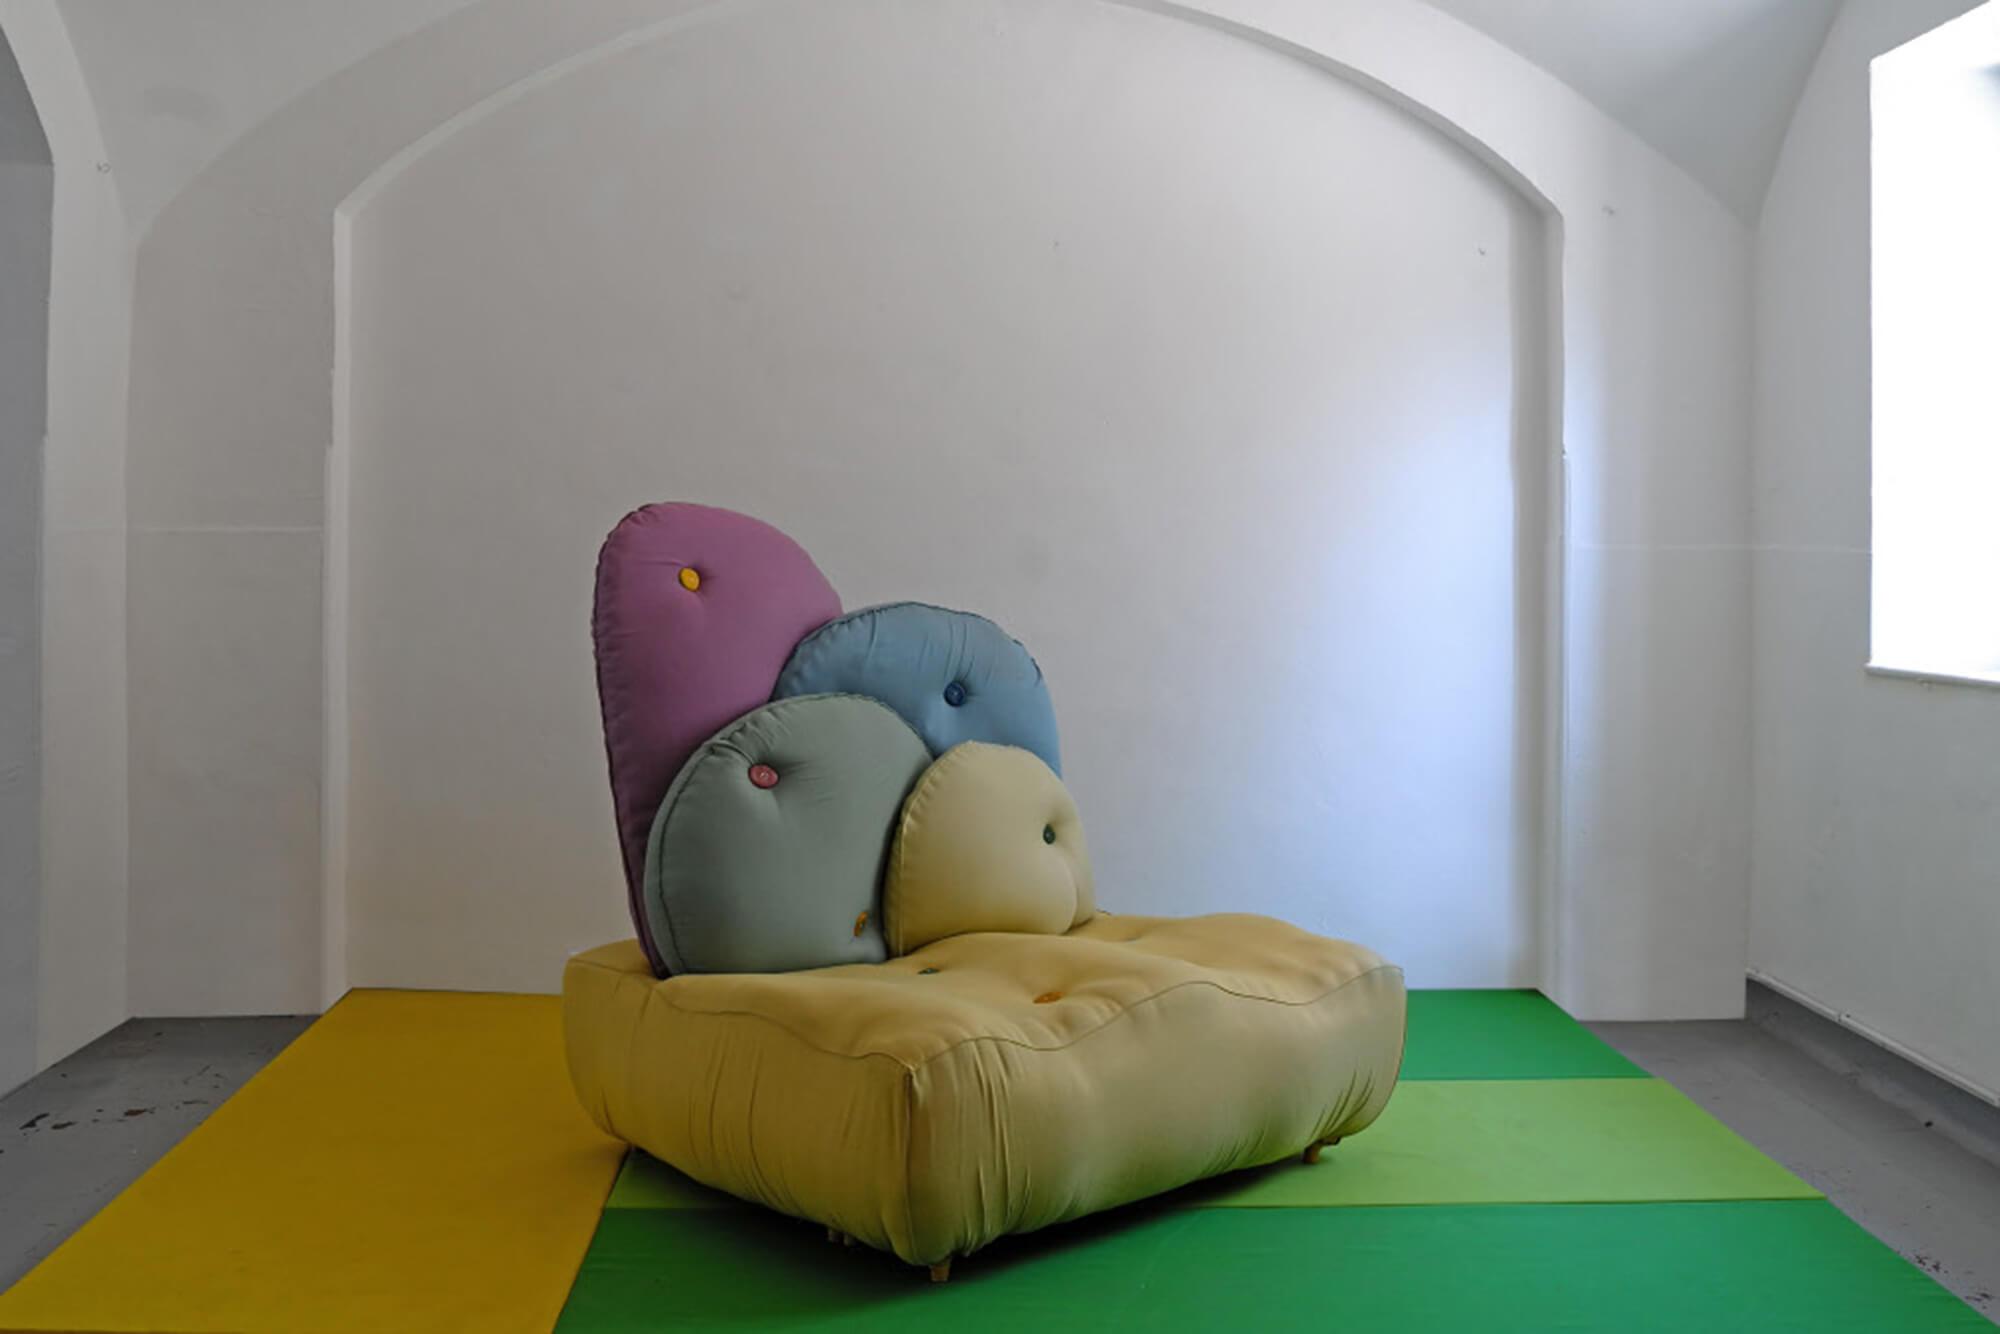 Nacho Carbonell 采用 Sunbrella 打造的色彩绚丽的现代沙发。